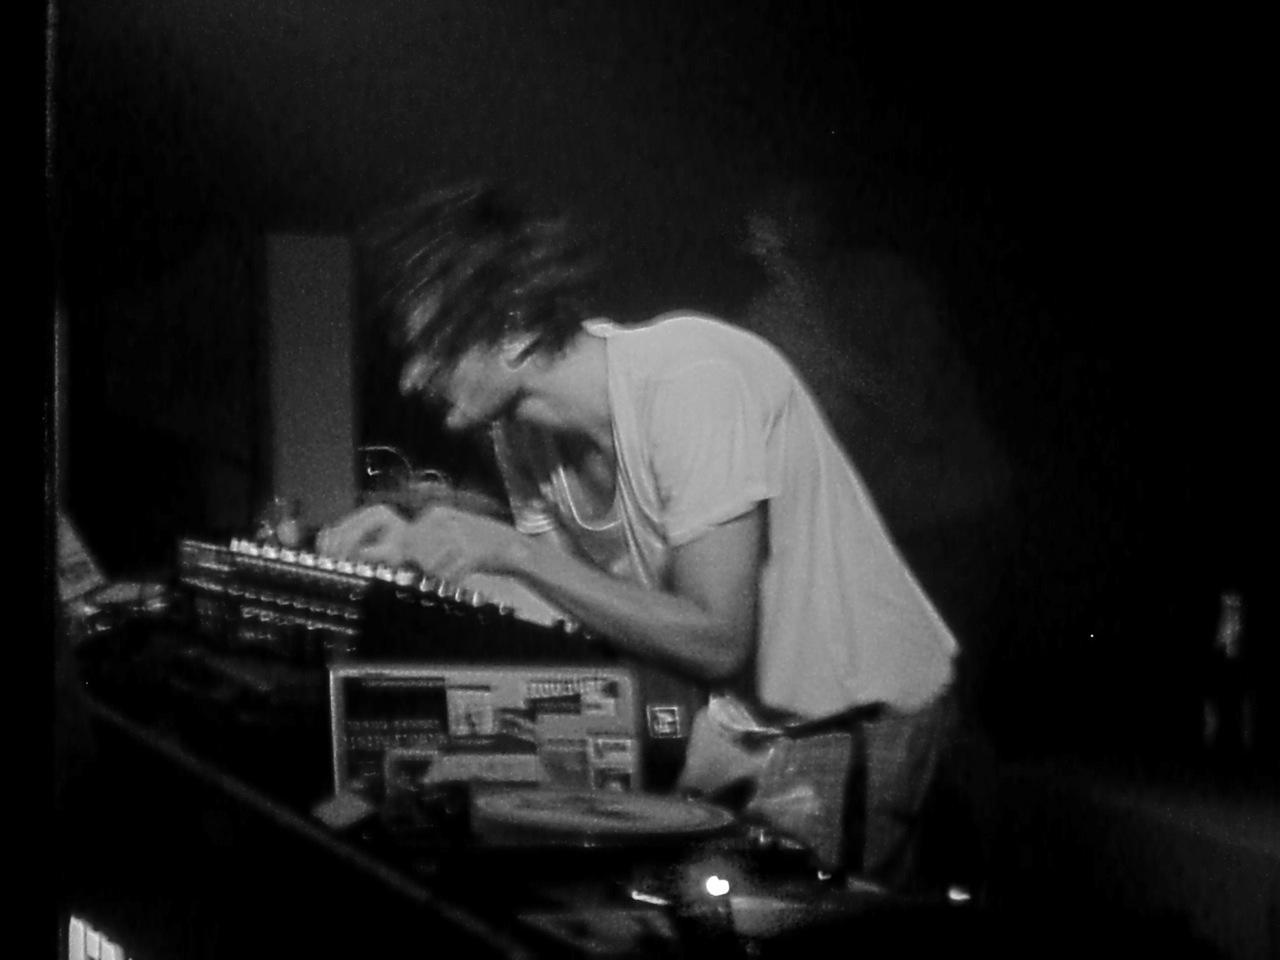 Apparat_ascolta-gratis-dj-set-xfm